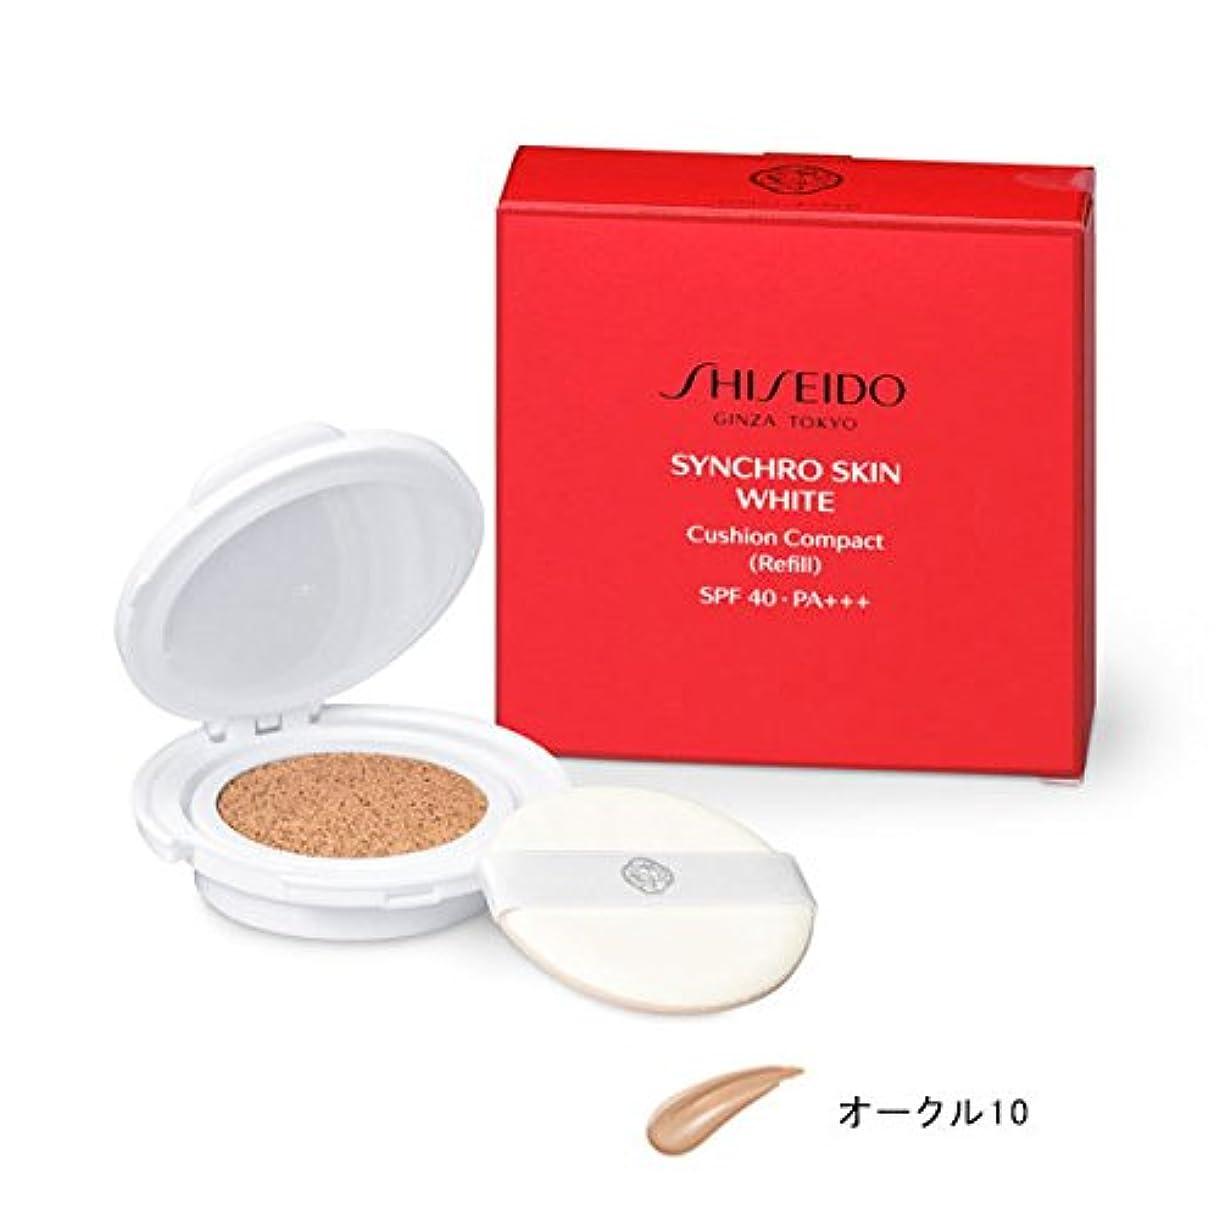 海峡ひも局むさぼり食うSHISEIDO Makeup(資生堂 メーキャップ) SHISEIDO(資生堂) シンクロスキン ホワイト クッションコンパクト WT レフィル(医薬部外品) (オークル10)